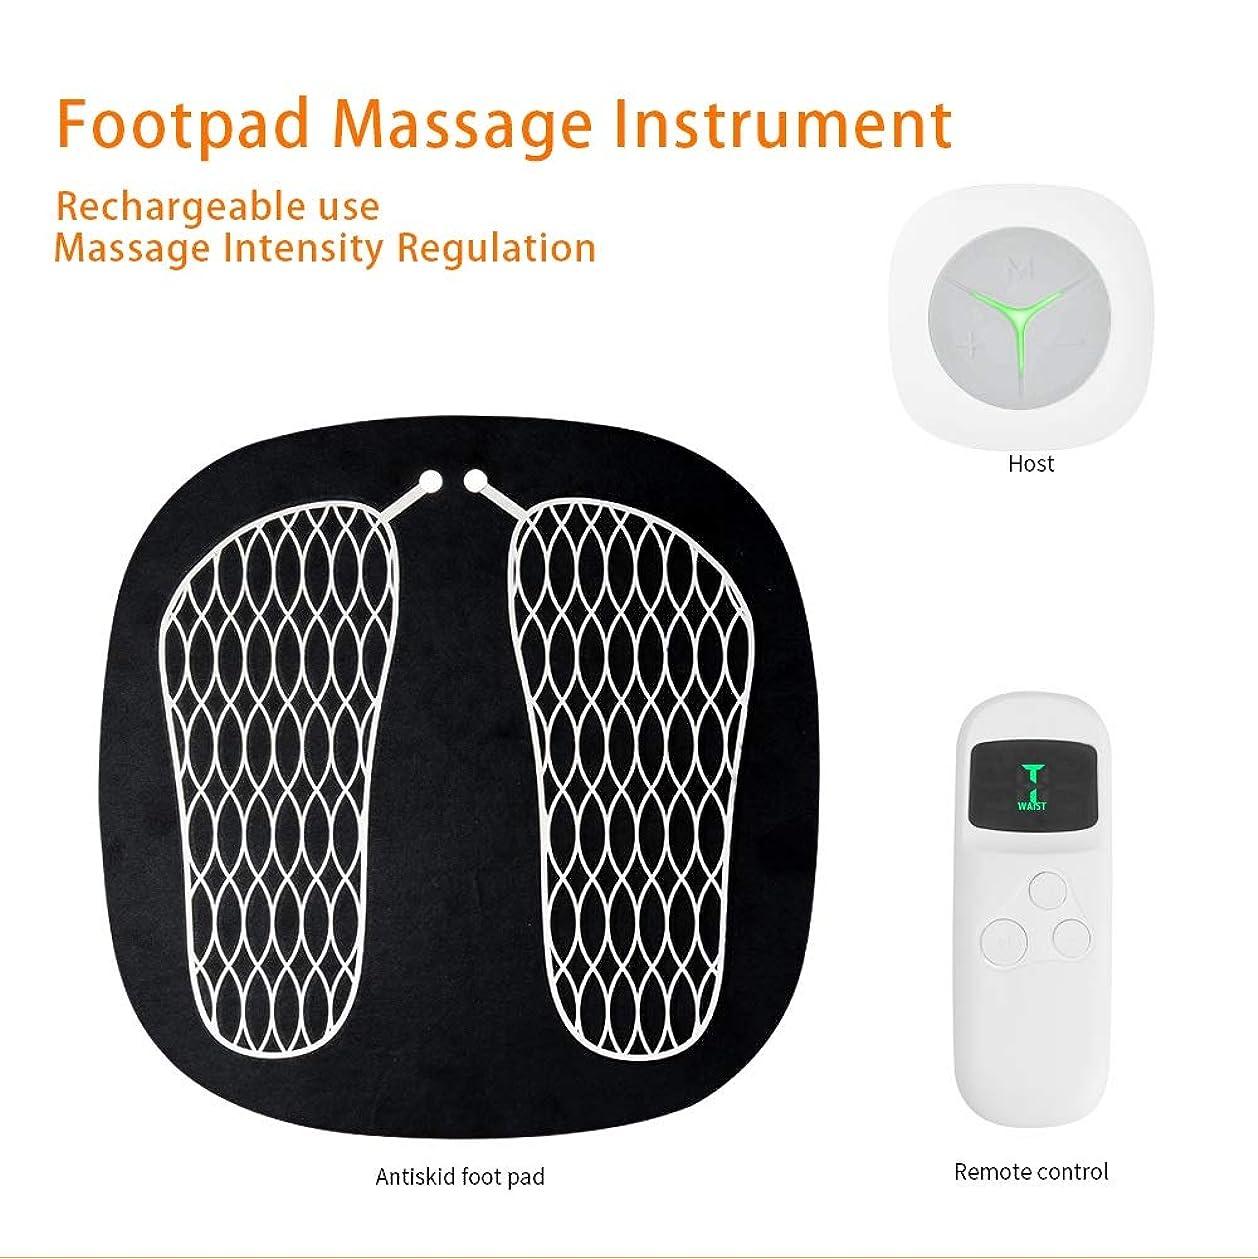 として等無知再充電可能なフットマッサージャー理学療法活性化ペディキュアフットバイブレーターワイヤレス筋肉刺激装置